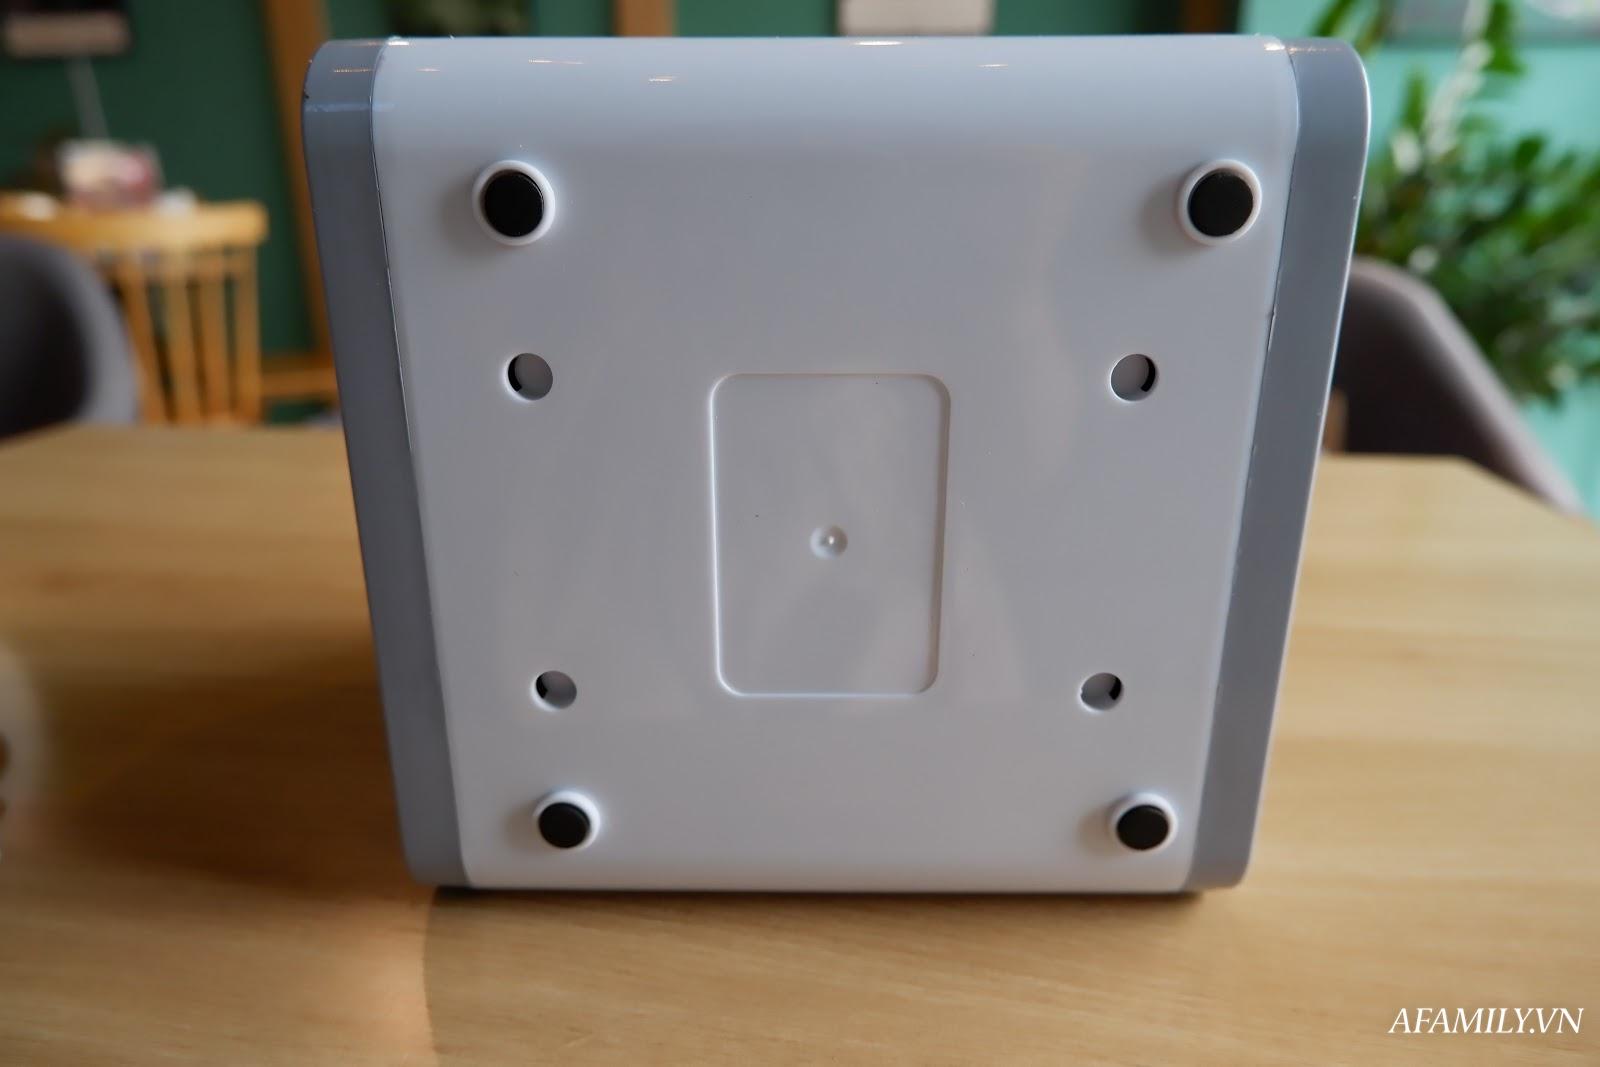 Đánh giá chất lượng quạt làm mát mini Arctic Air: Làm mát không khí có tốt không? - Ảnh 5.